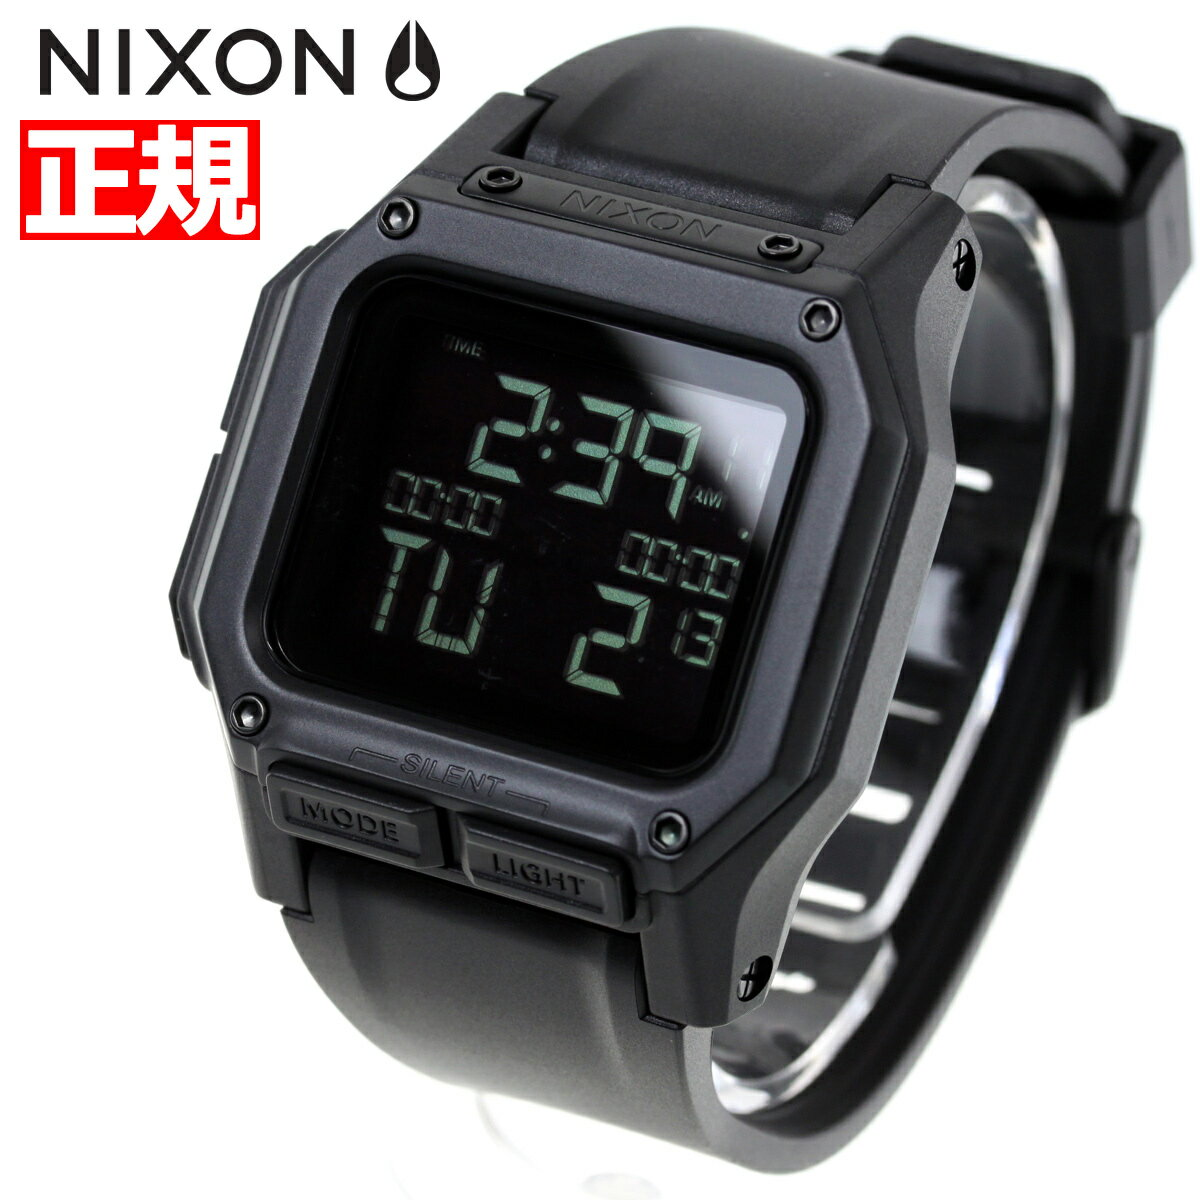 【楽天ショップオブザイヤー2017大賞受賞!】ニクソン NIXON レグルス REGULUS 腕時計 メンズ ALL BLACK NA1180001-00【2018 新作】【あす楽対応】【即納可】